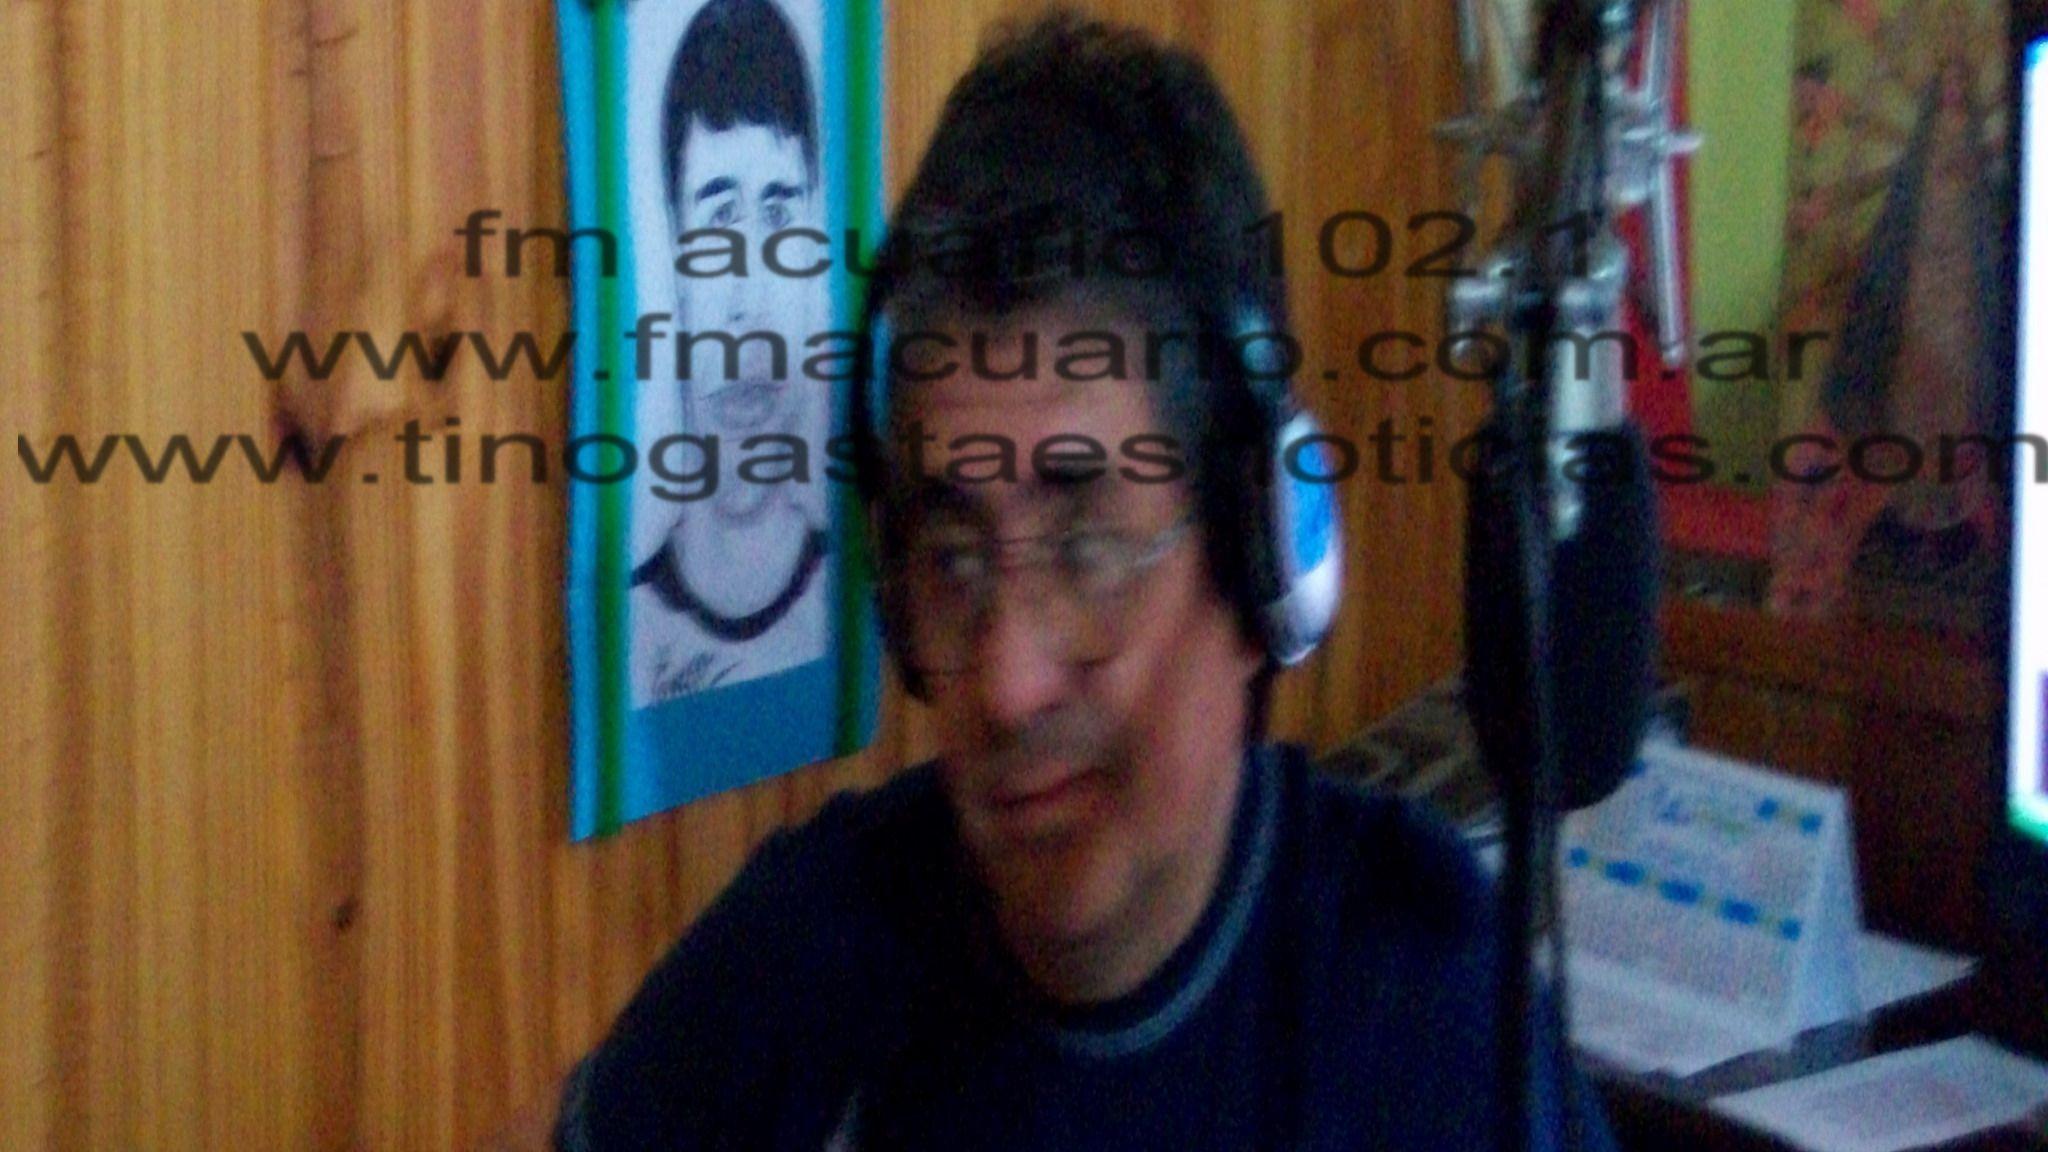 Radio Acuario 102.1 - Tinogasta - Catamarca